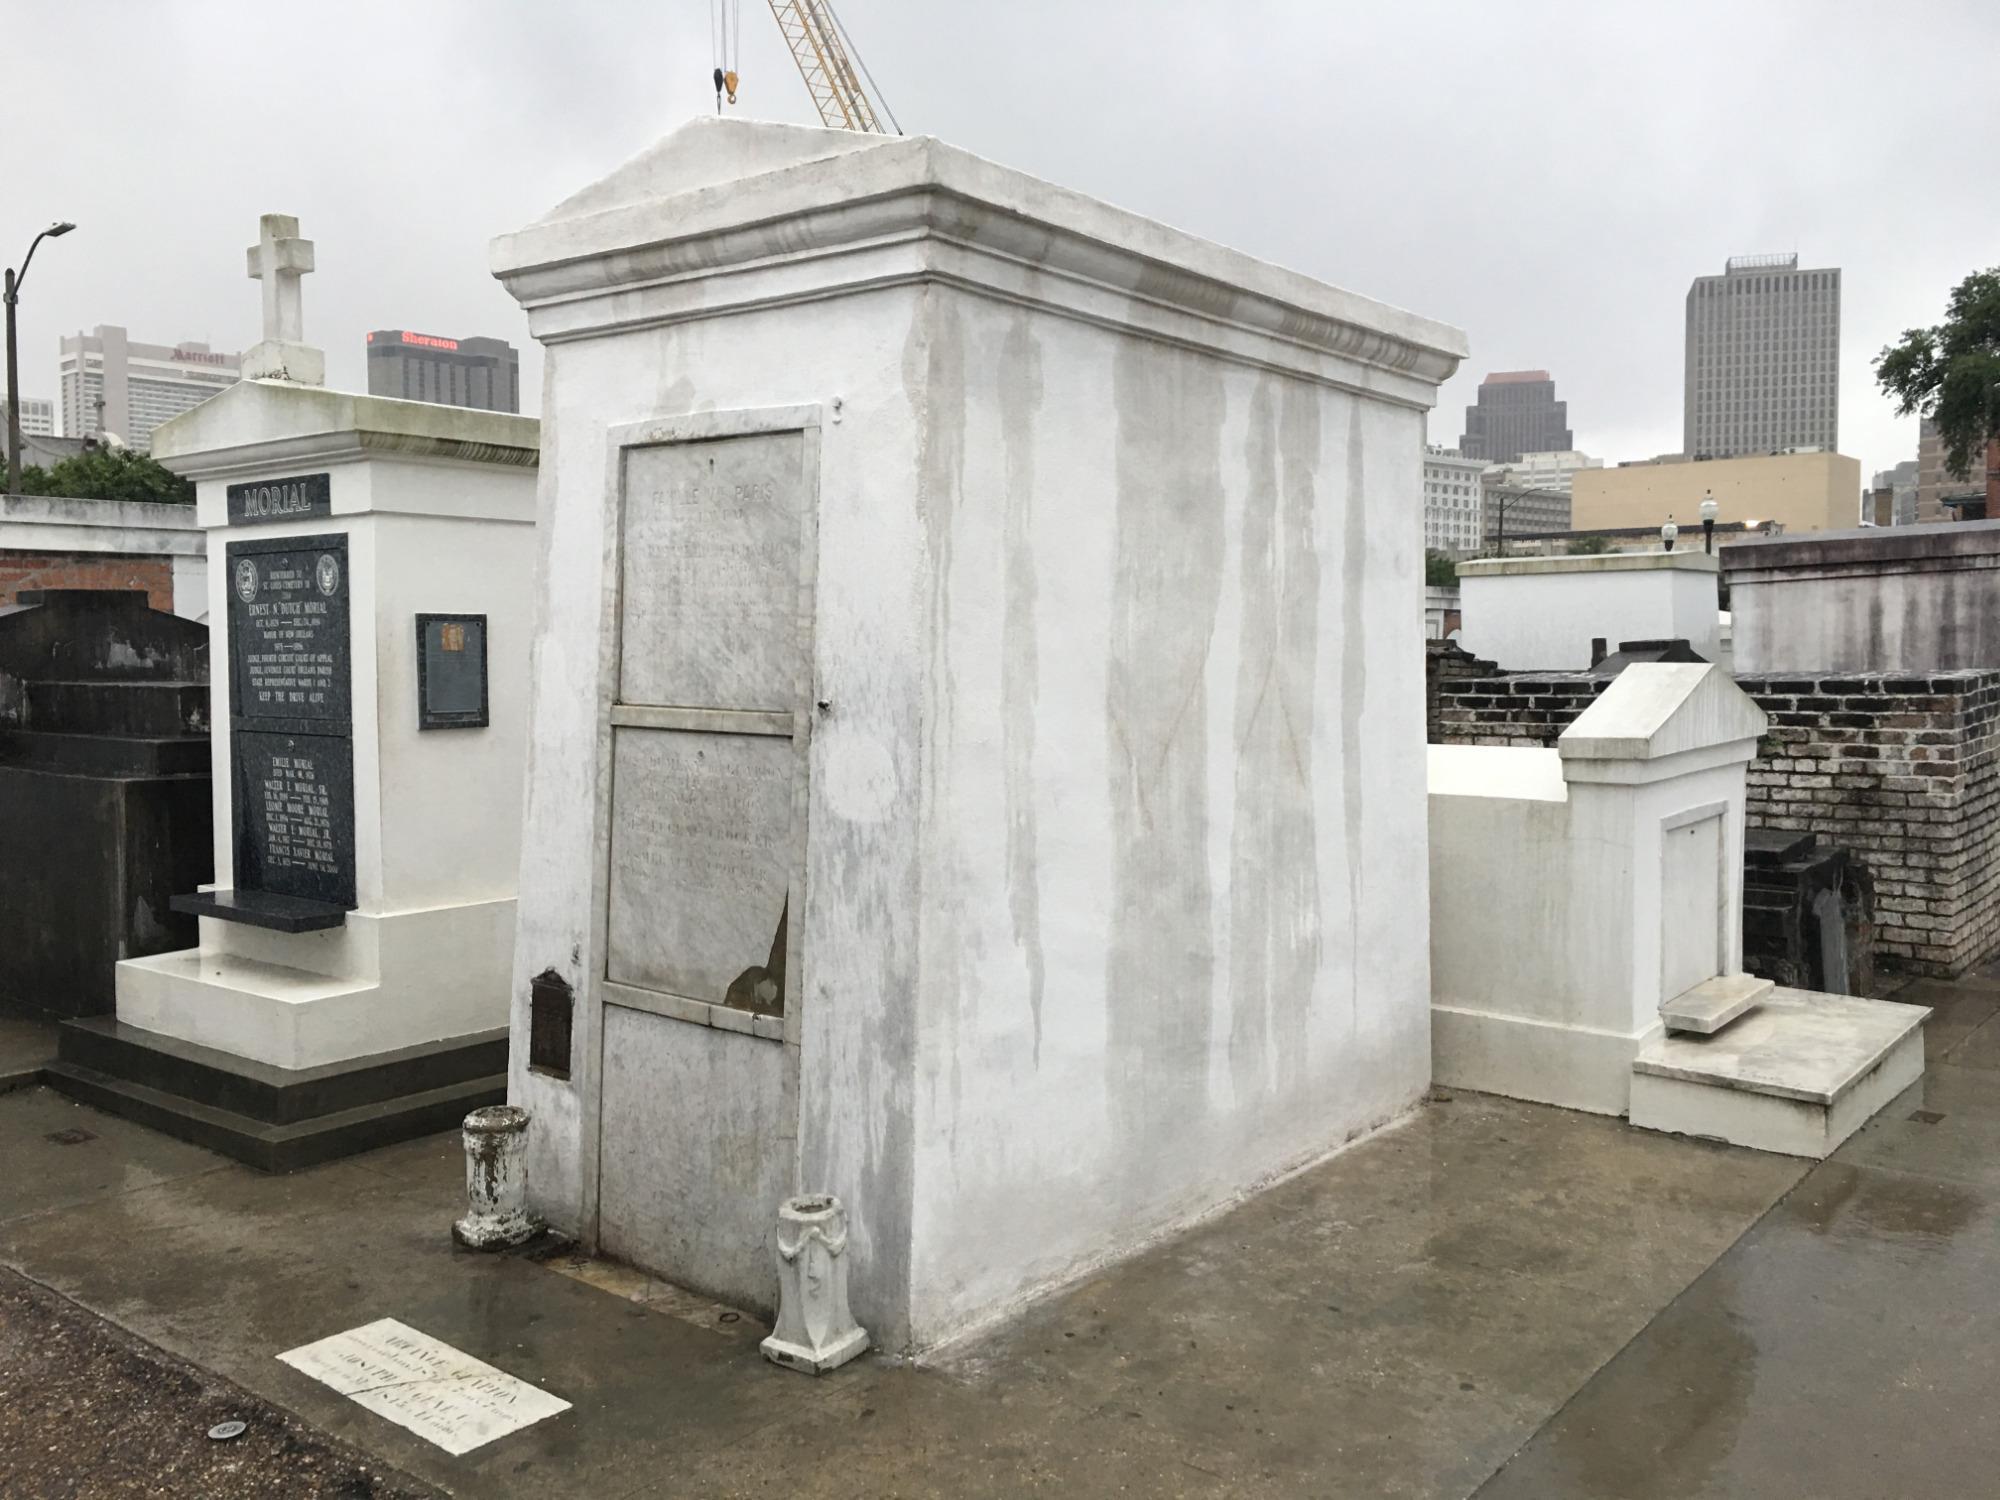 Marie Laveau Tomb after restoration.